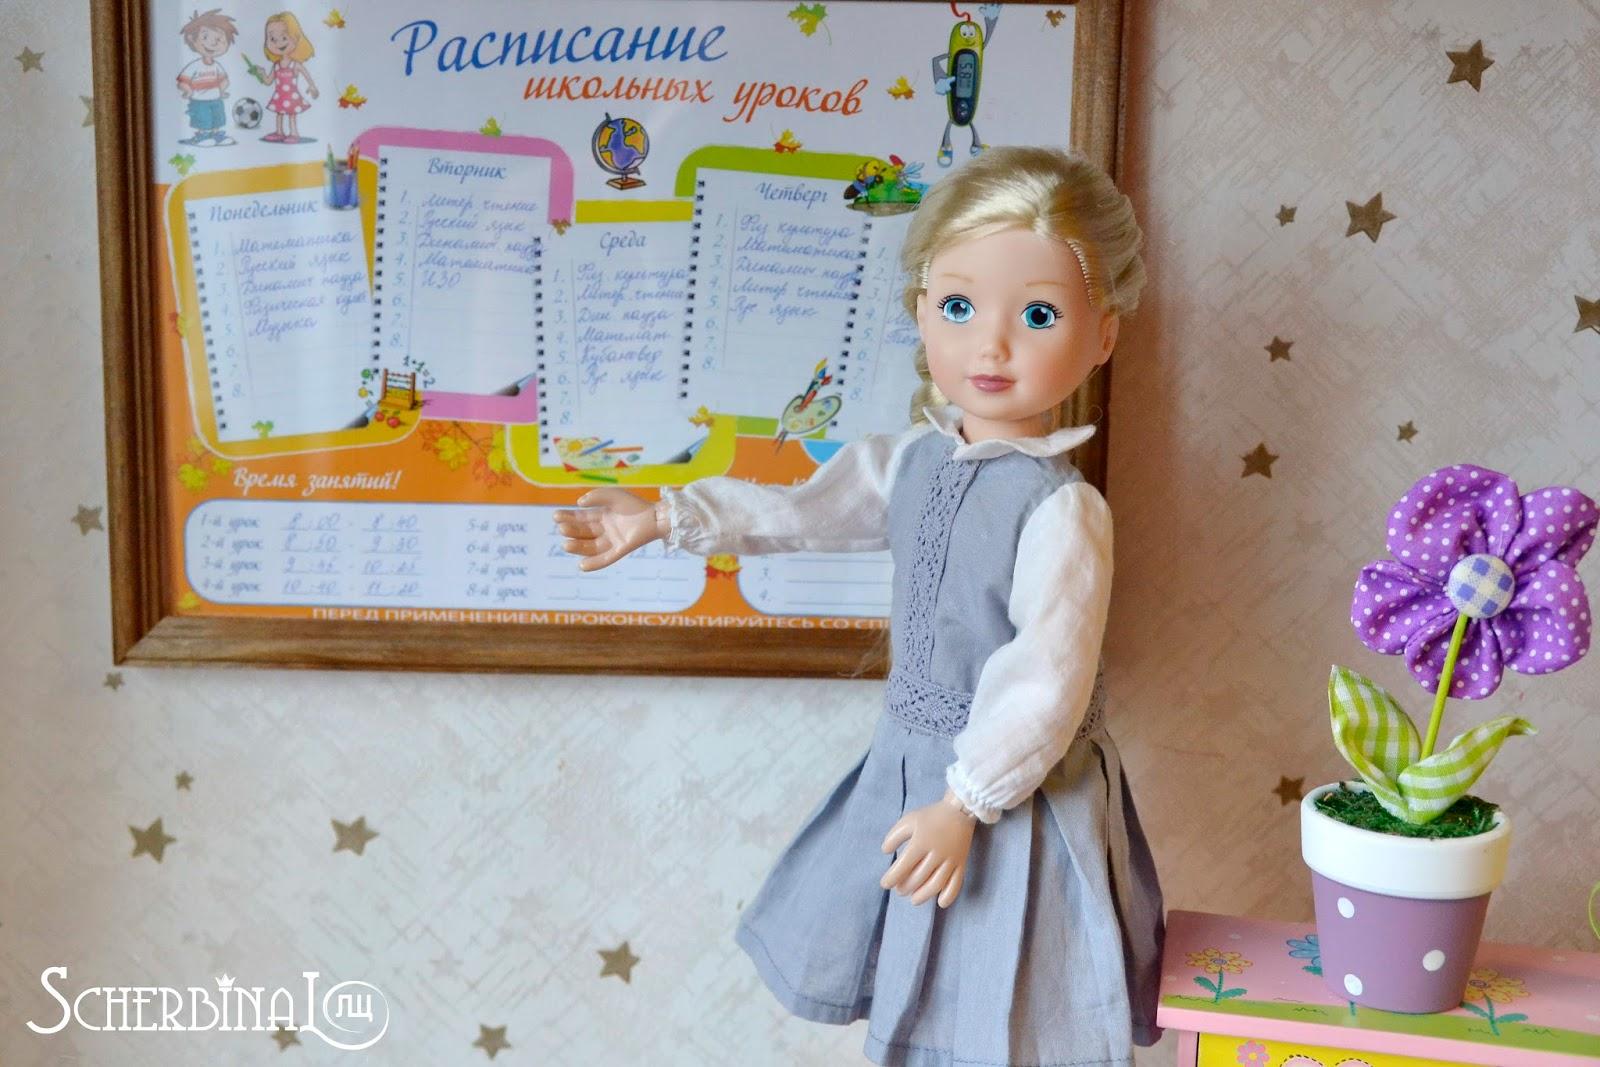 Игровые шарнирные куклы для девочек: Джолина Zapf Creation,